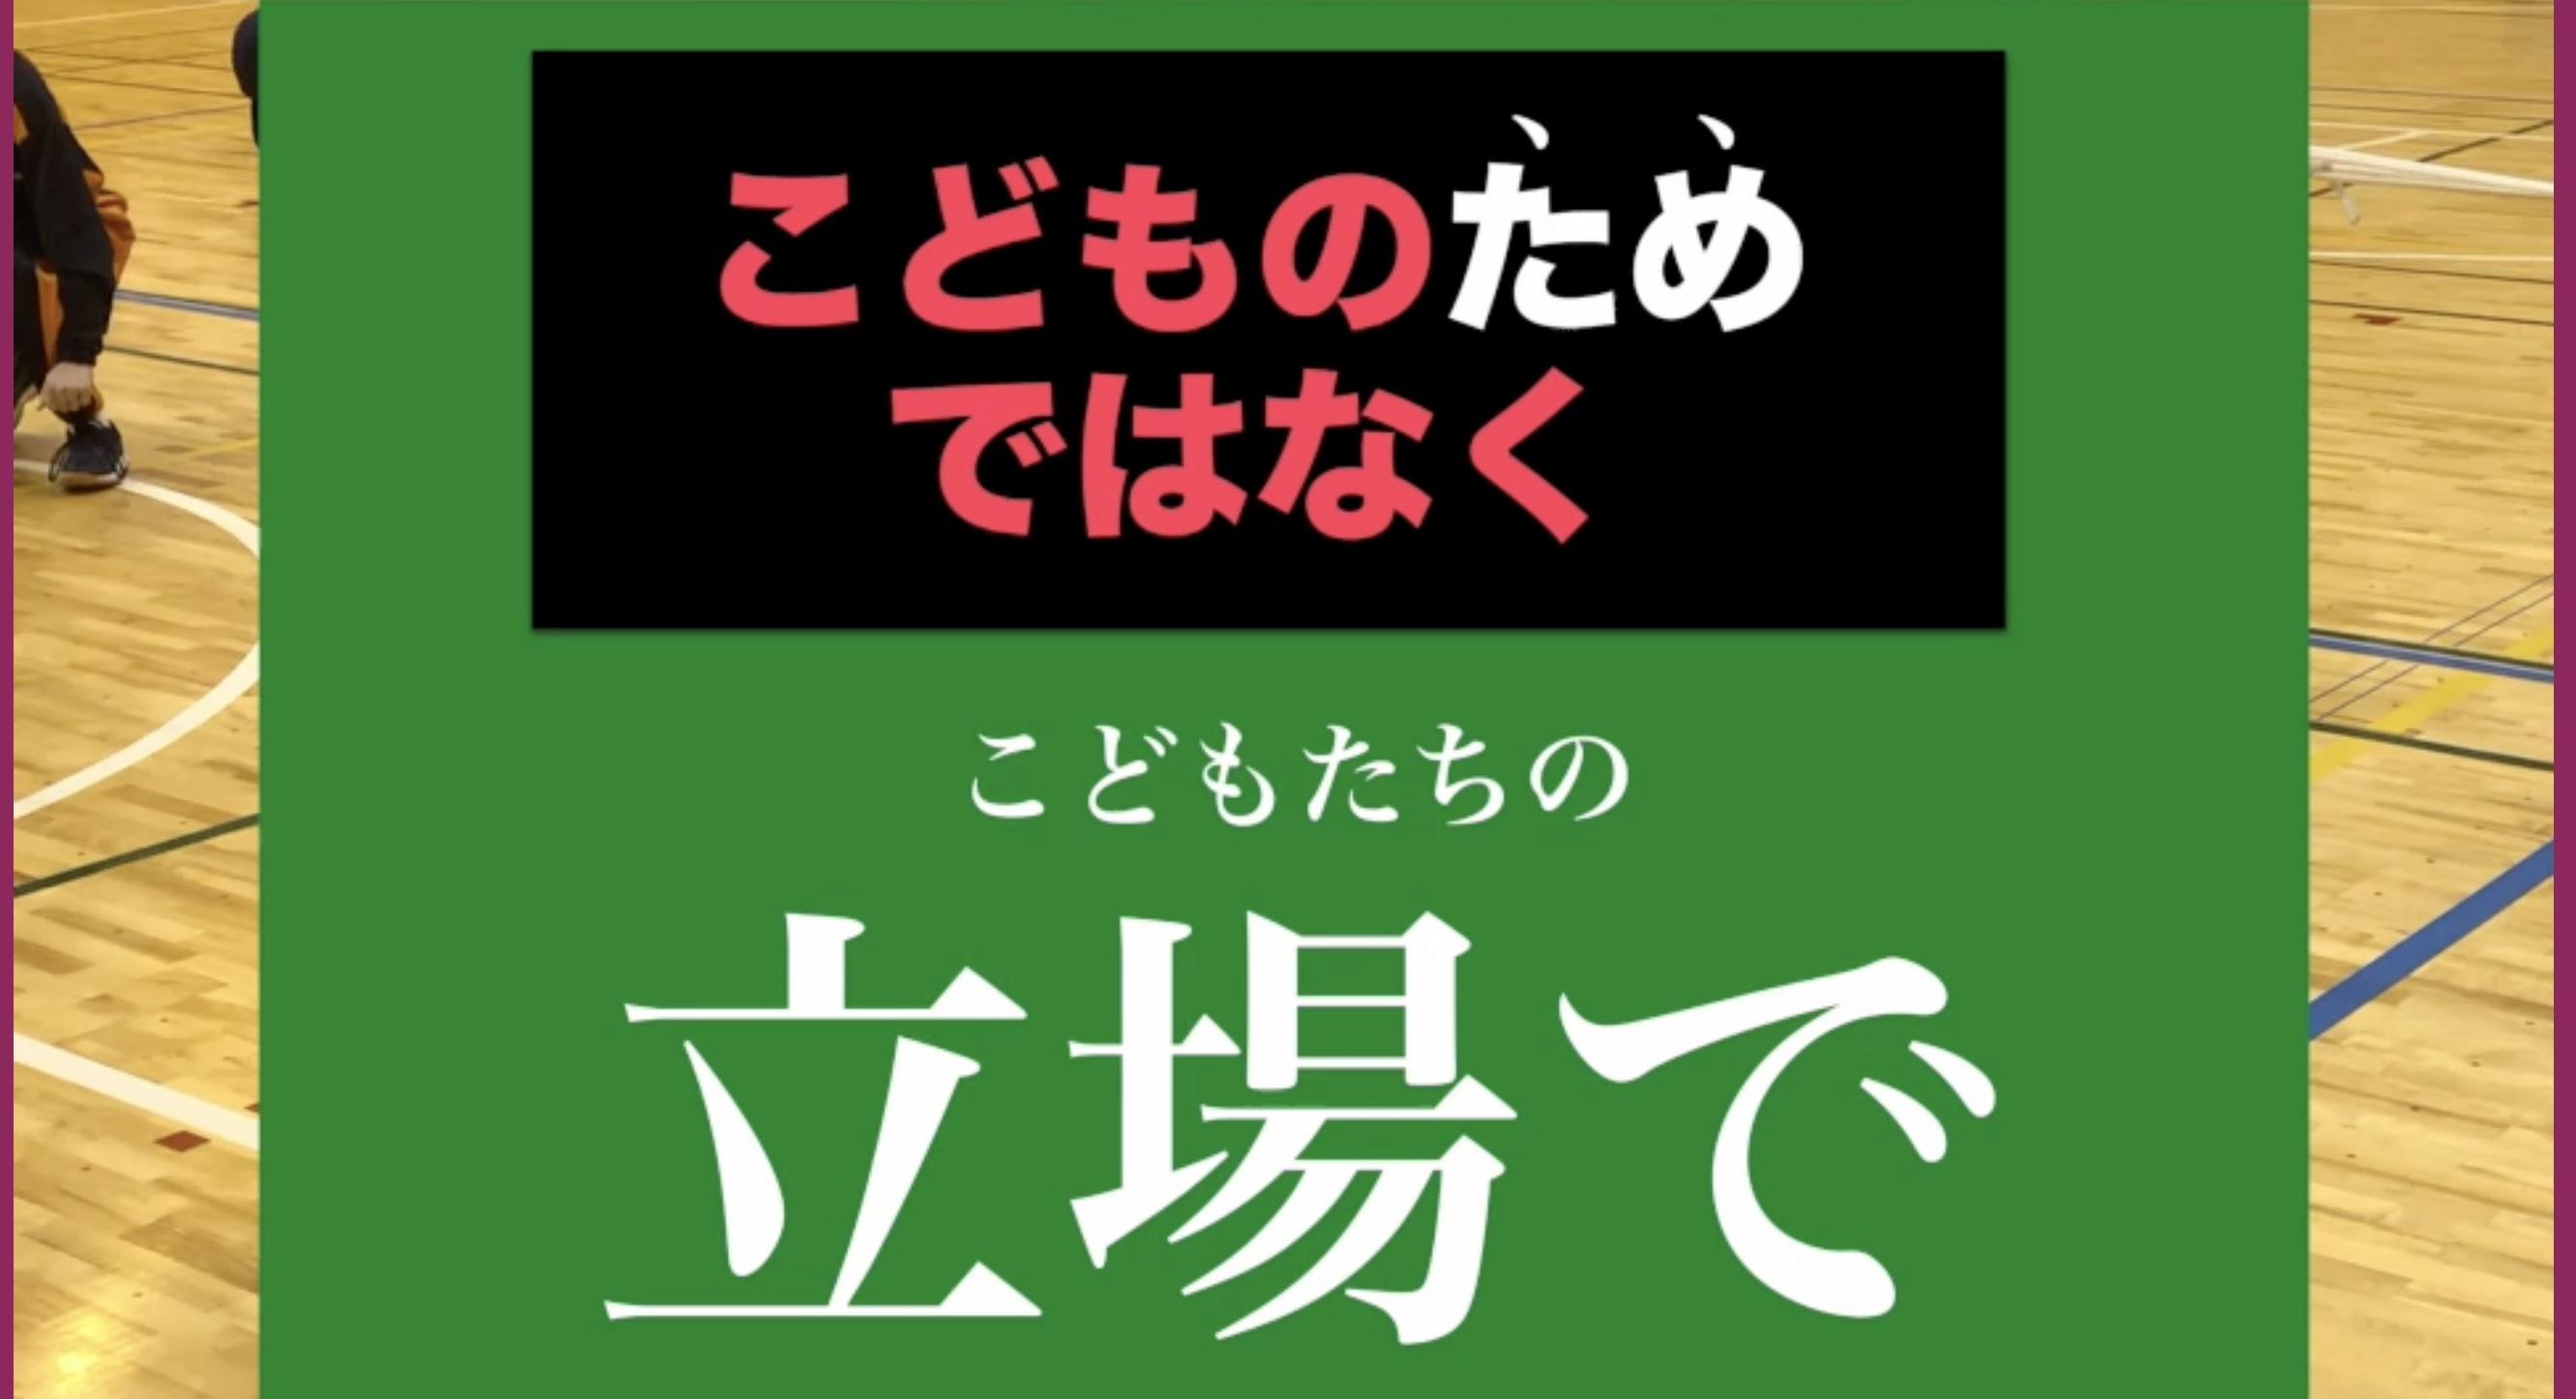 第2935話・・・バレーボール塾レポート_c0000970_12441855.jpg